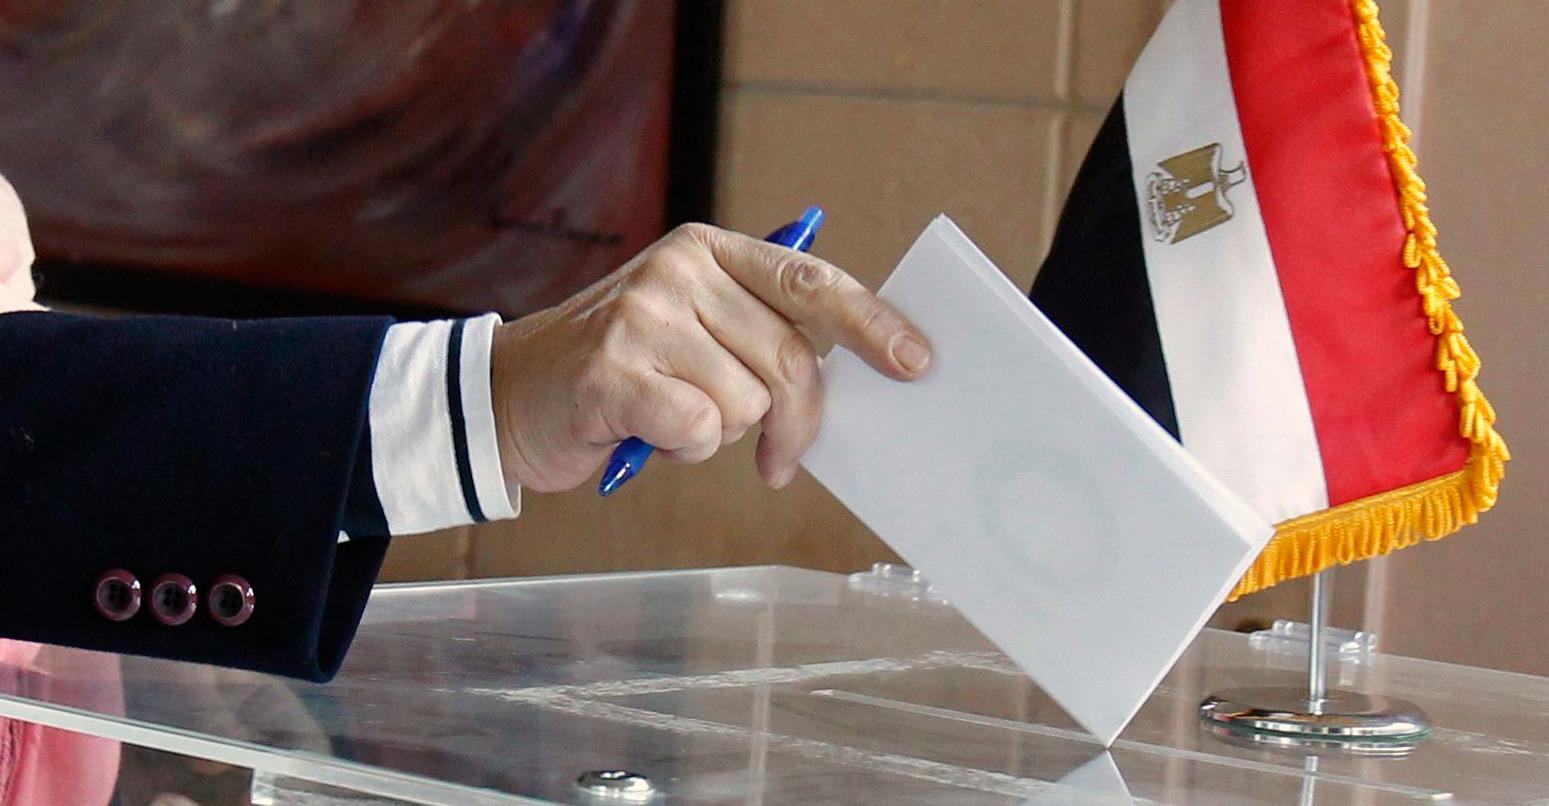 هيئة الانتخابات توقع غرامة مالية على المتخلفين.. وتناشد المصريين للمشاركة في التصويت